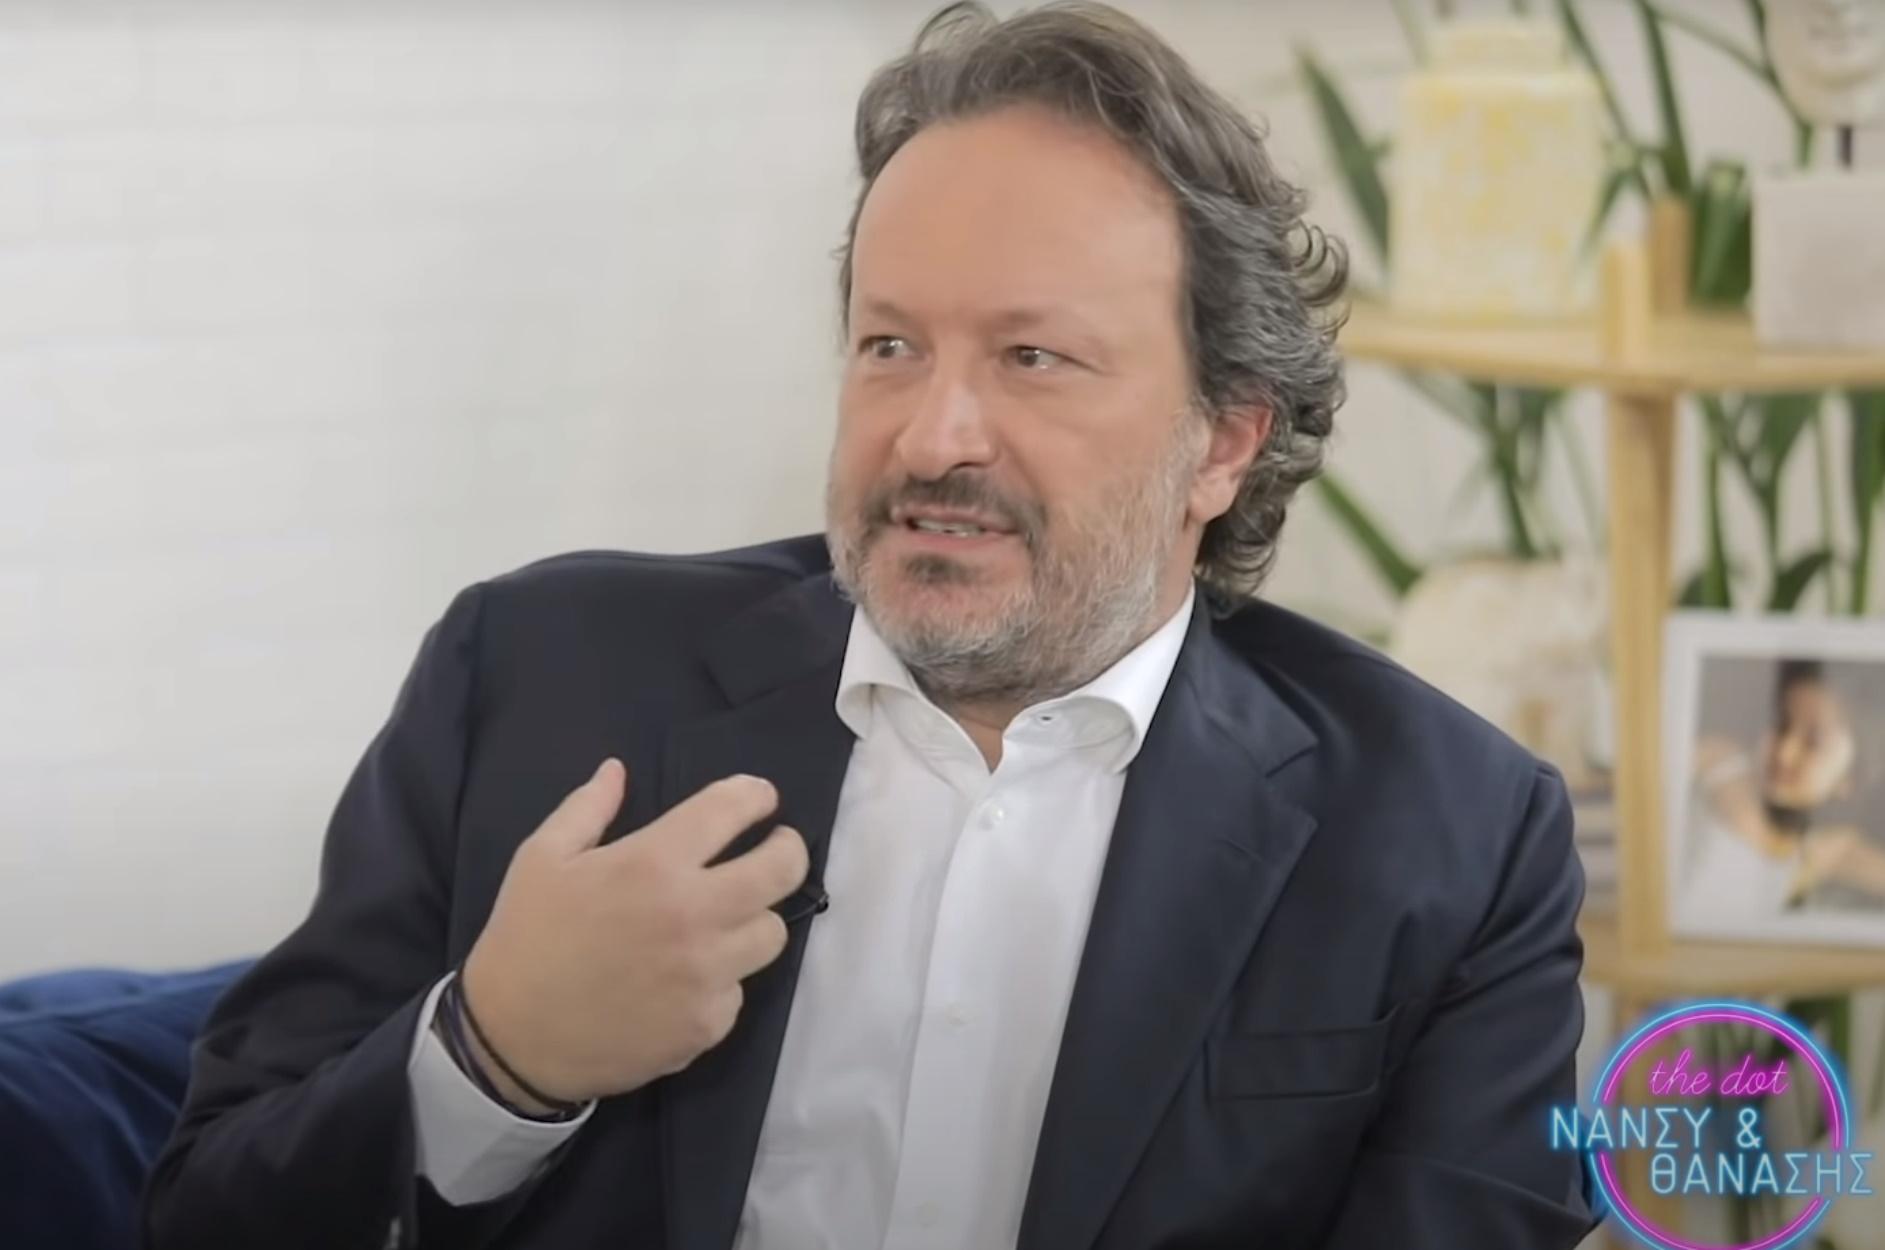 Διονύσης Παναγιωτάκης: Νιώθω λίγο ένοχος, ήξερα αλλά δεν είχα το θάρρος να μιλήσω